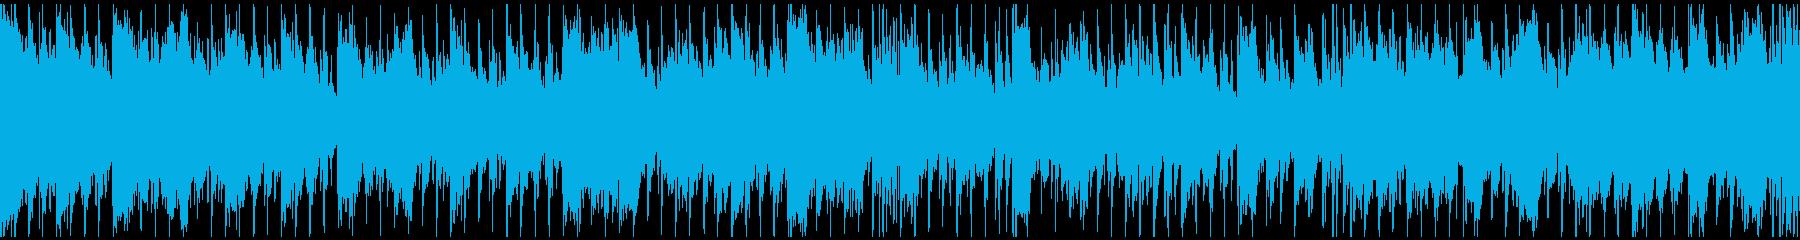 テンポの良いお洒落なハウス【ループ素材】の再生済みの波形